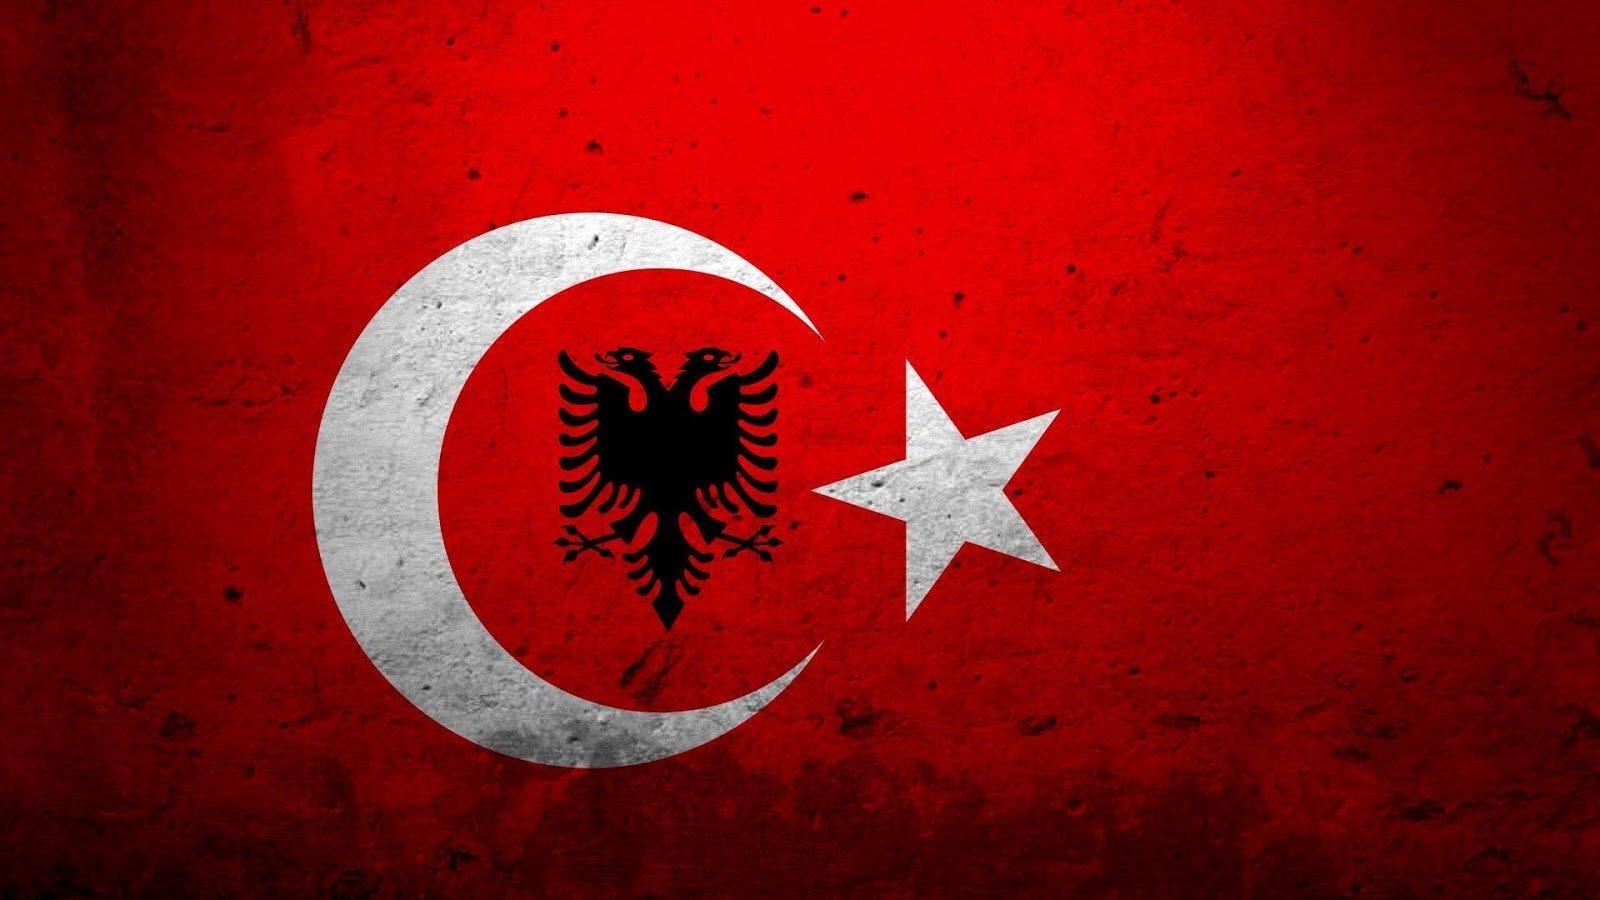 Προδοσία από τους αλβανούς! Μετατρέπονται σε στρατόπεδο της Τουρκίας.